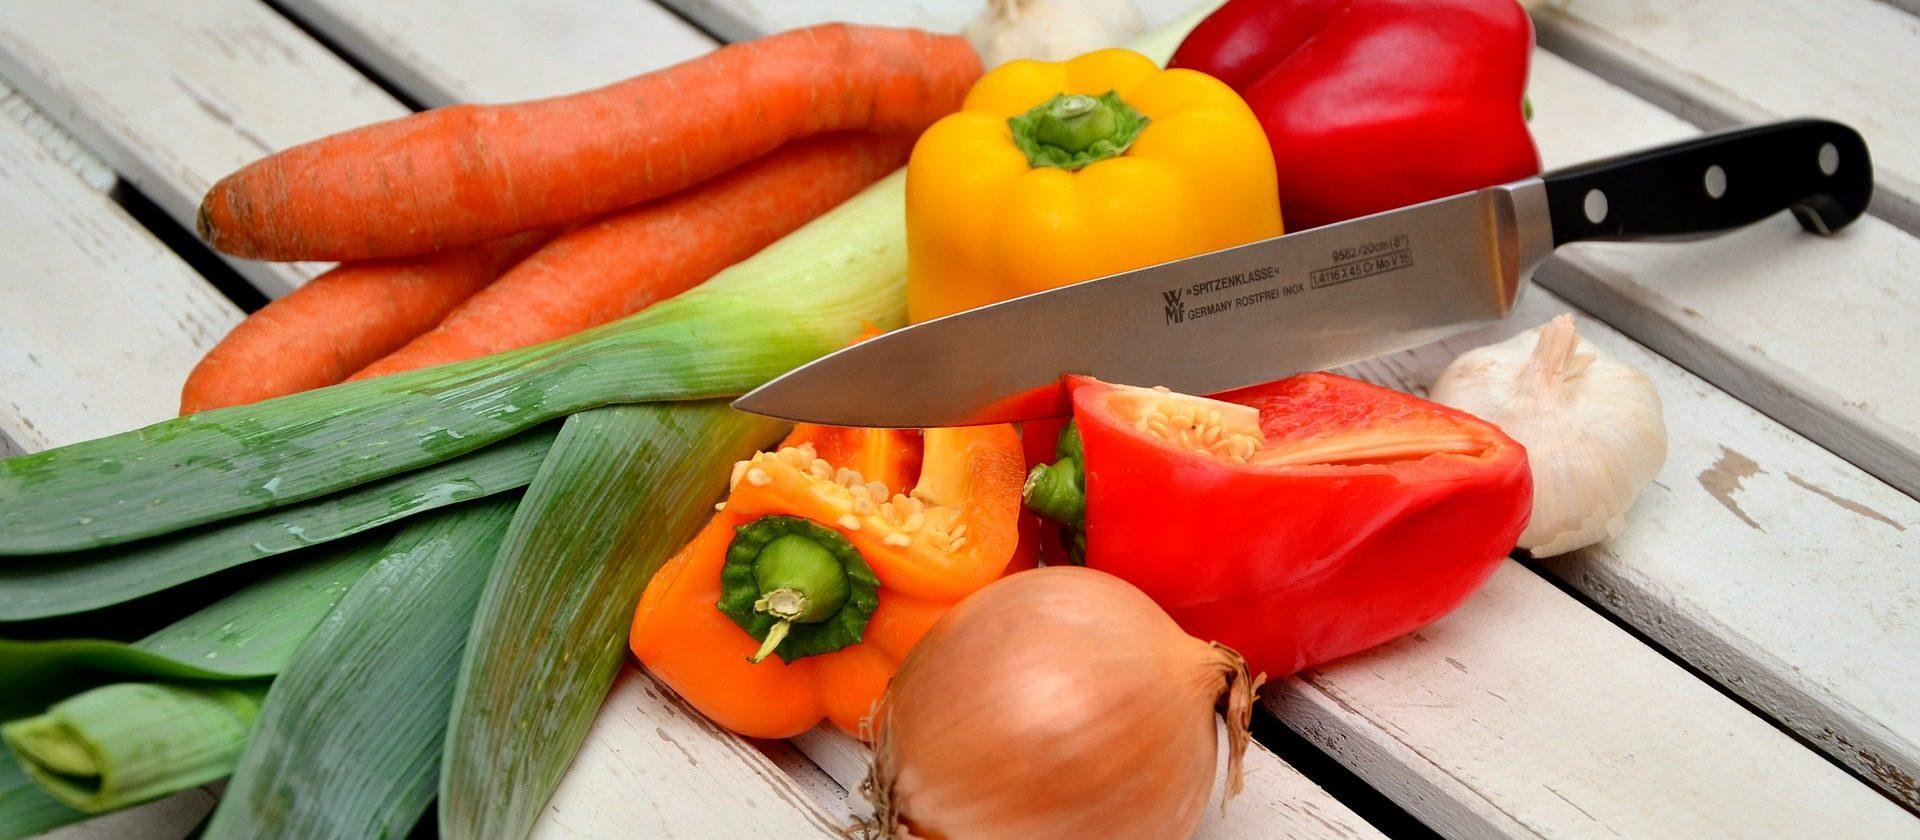 vegetables-573961_1920